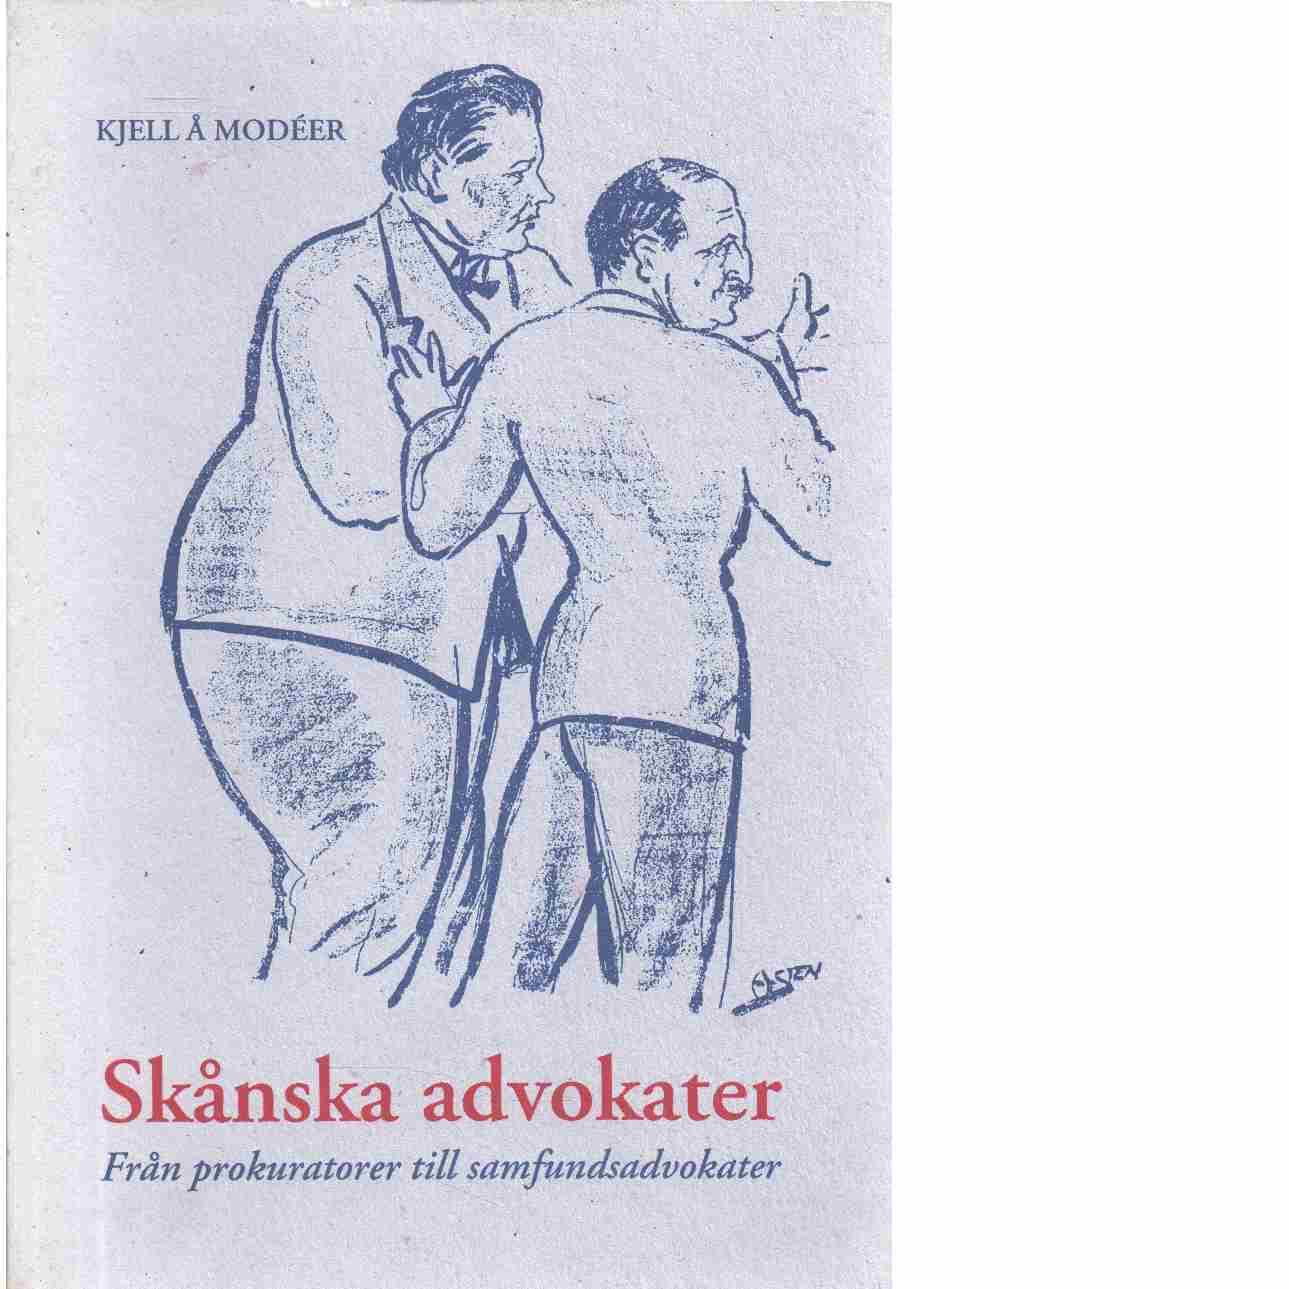 Skånska advokater : från prokuratorer till samfundsadvokater : om advokater i Skåne i ett historiskt perspektiv  - Modéer, Kjell Å.